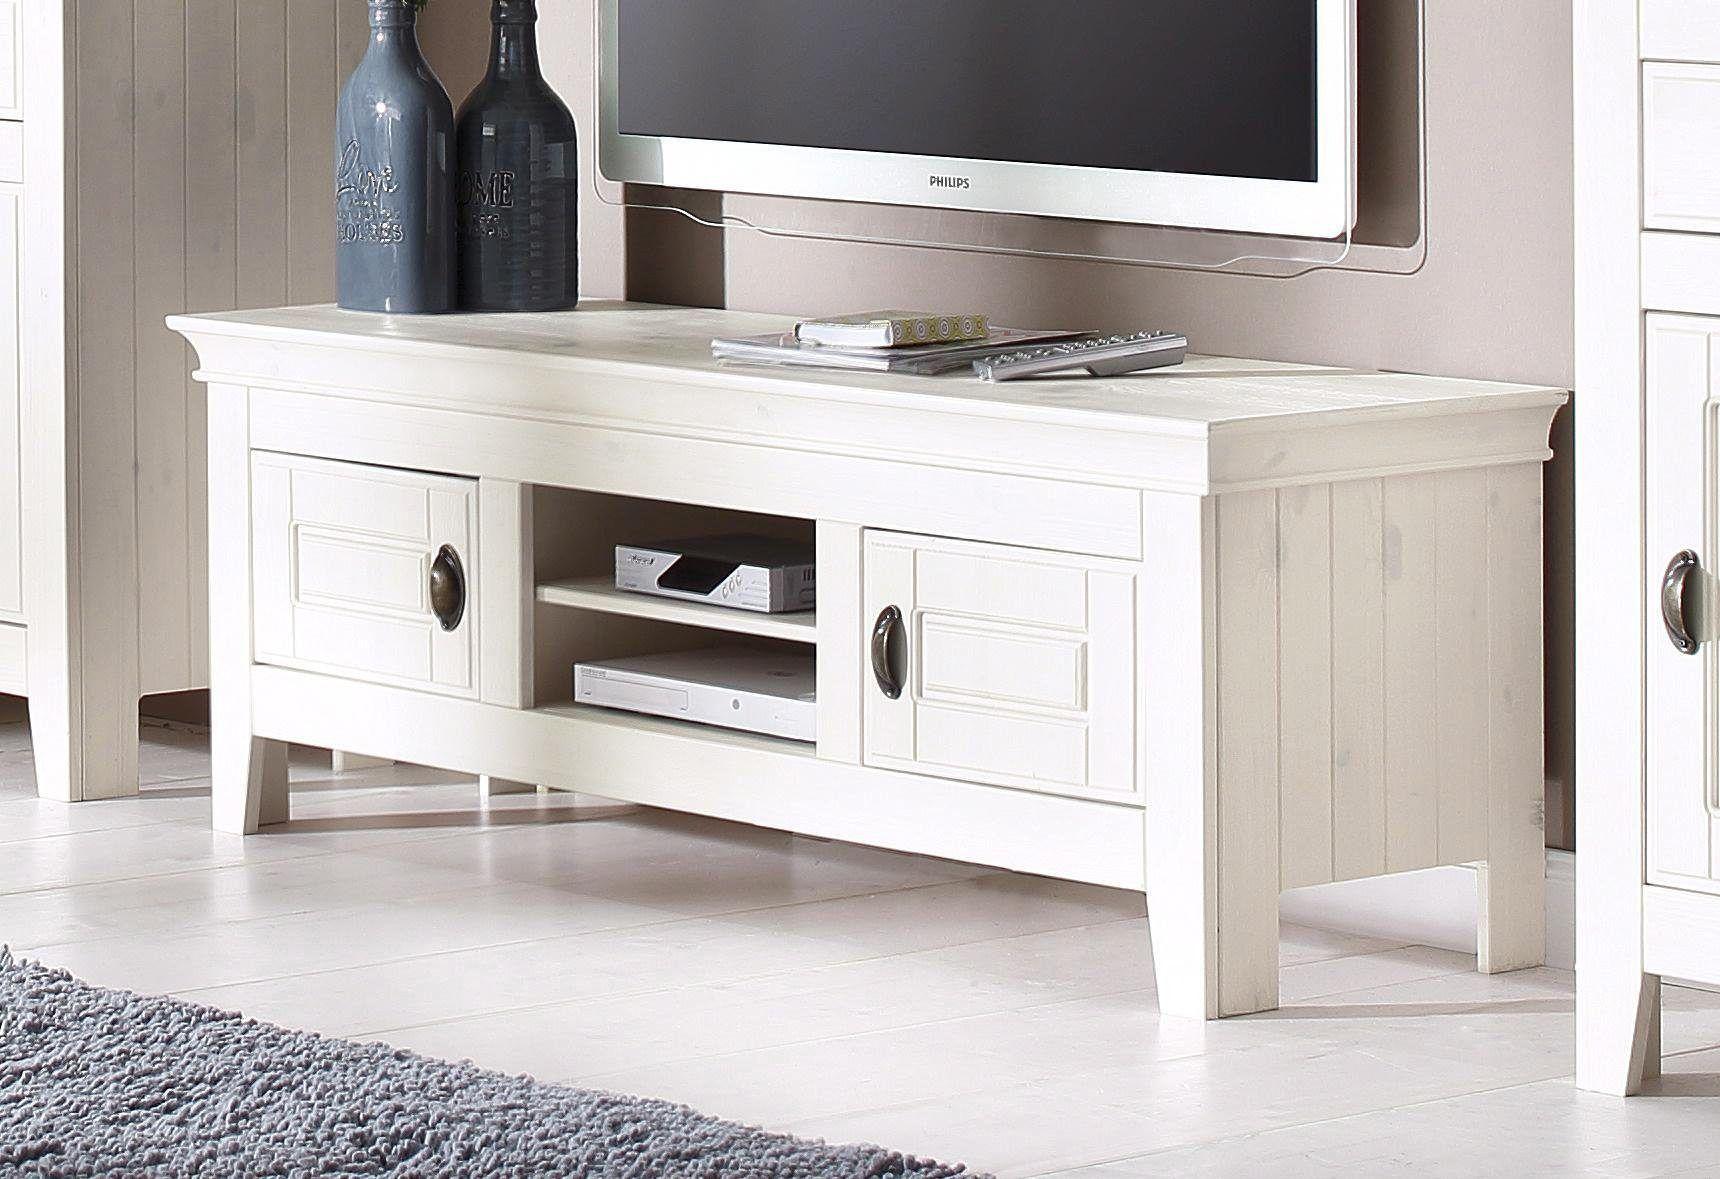 home affaire mbel hersteller home affaire trig in beige with home affaire mbel hersteller home. Black Bedroom Furniture Sets. Home Design Ideas